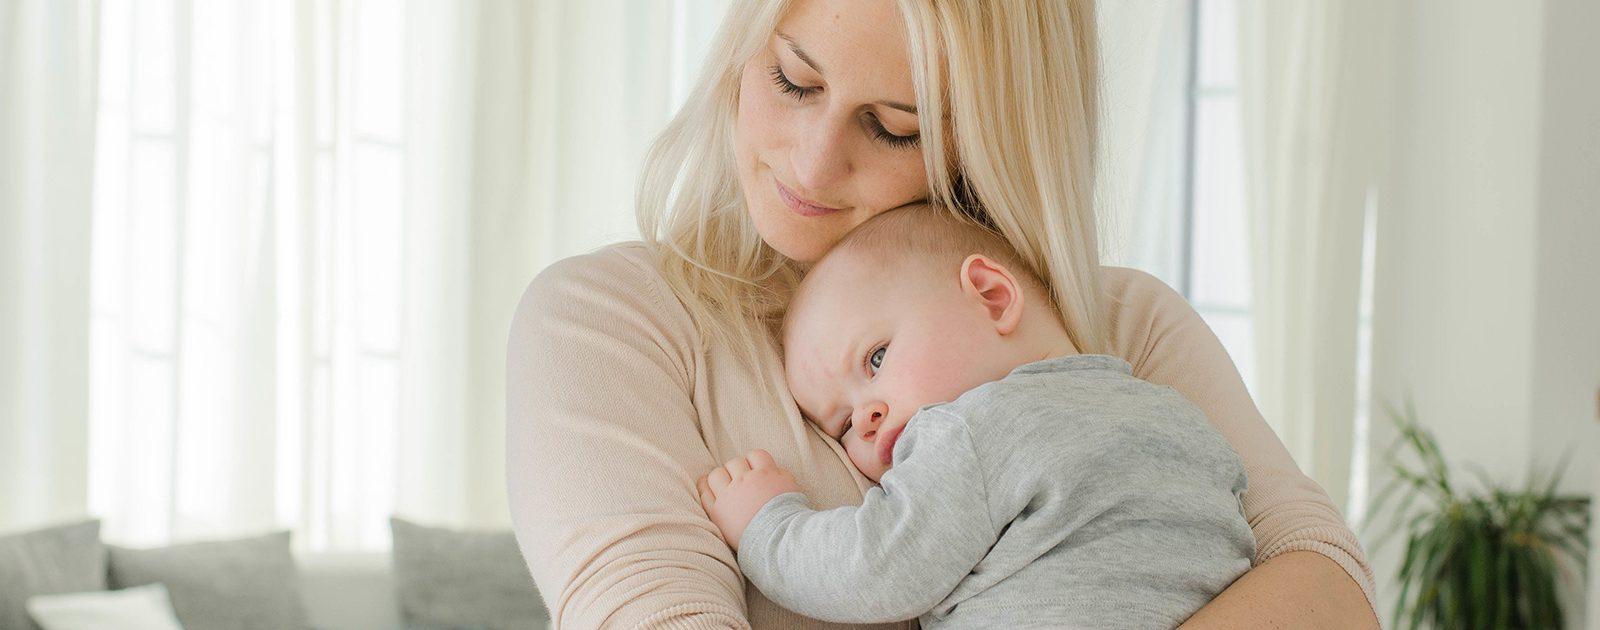 Alleinerziehende Mutter mit Kind: Tipps für Alleinerziehende schaffen Entlastung